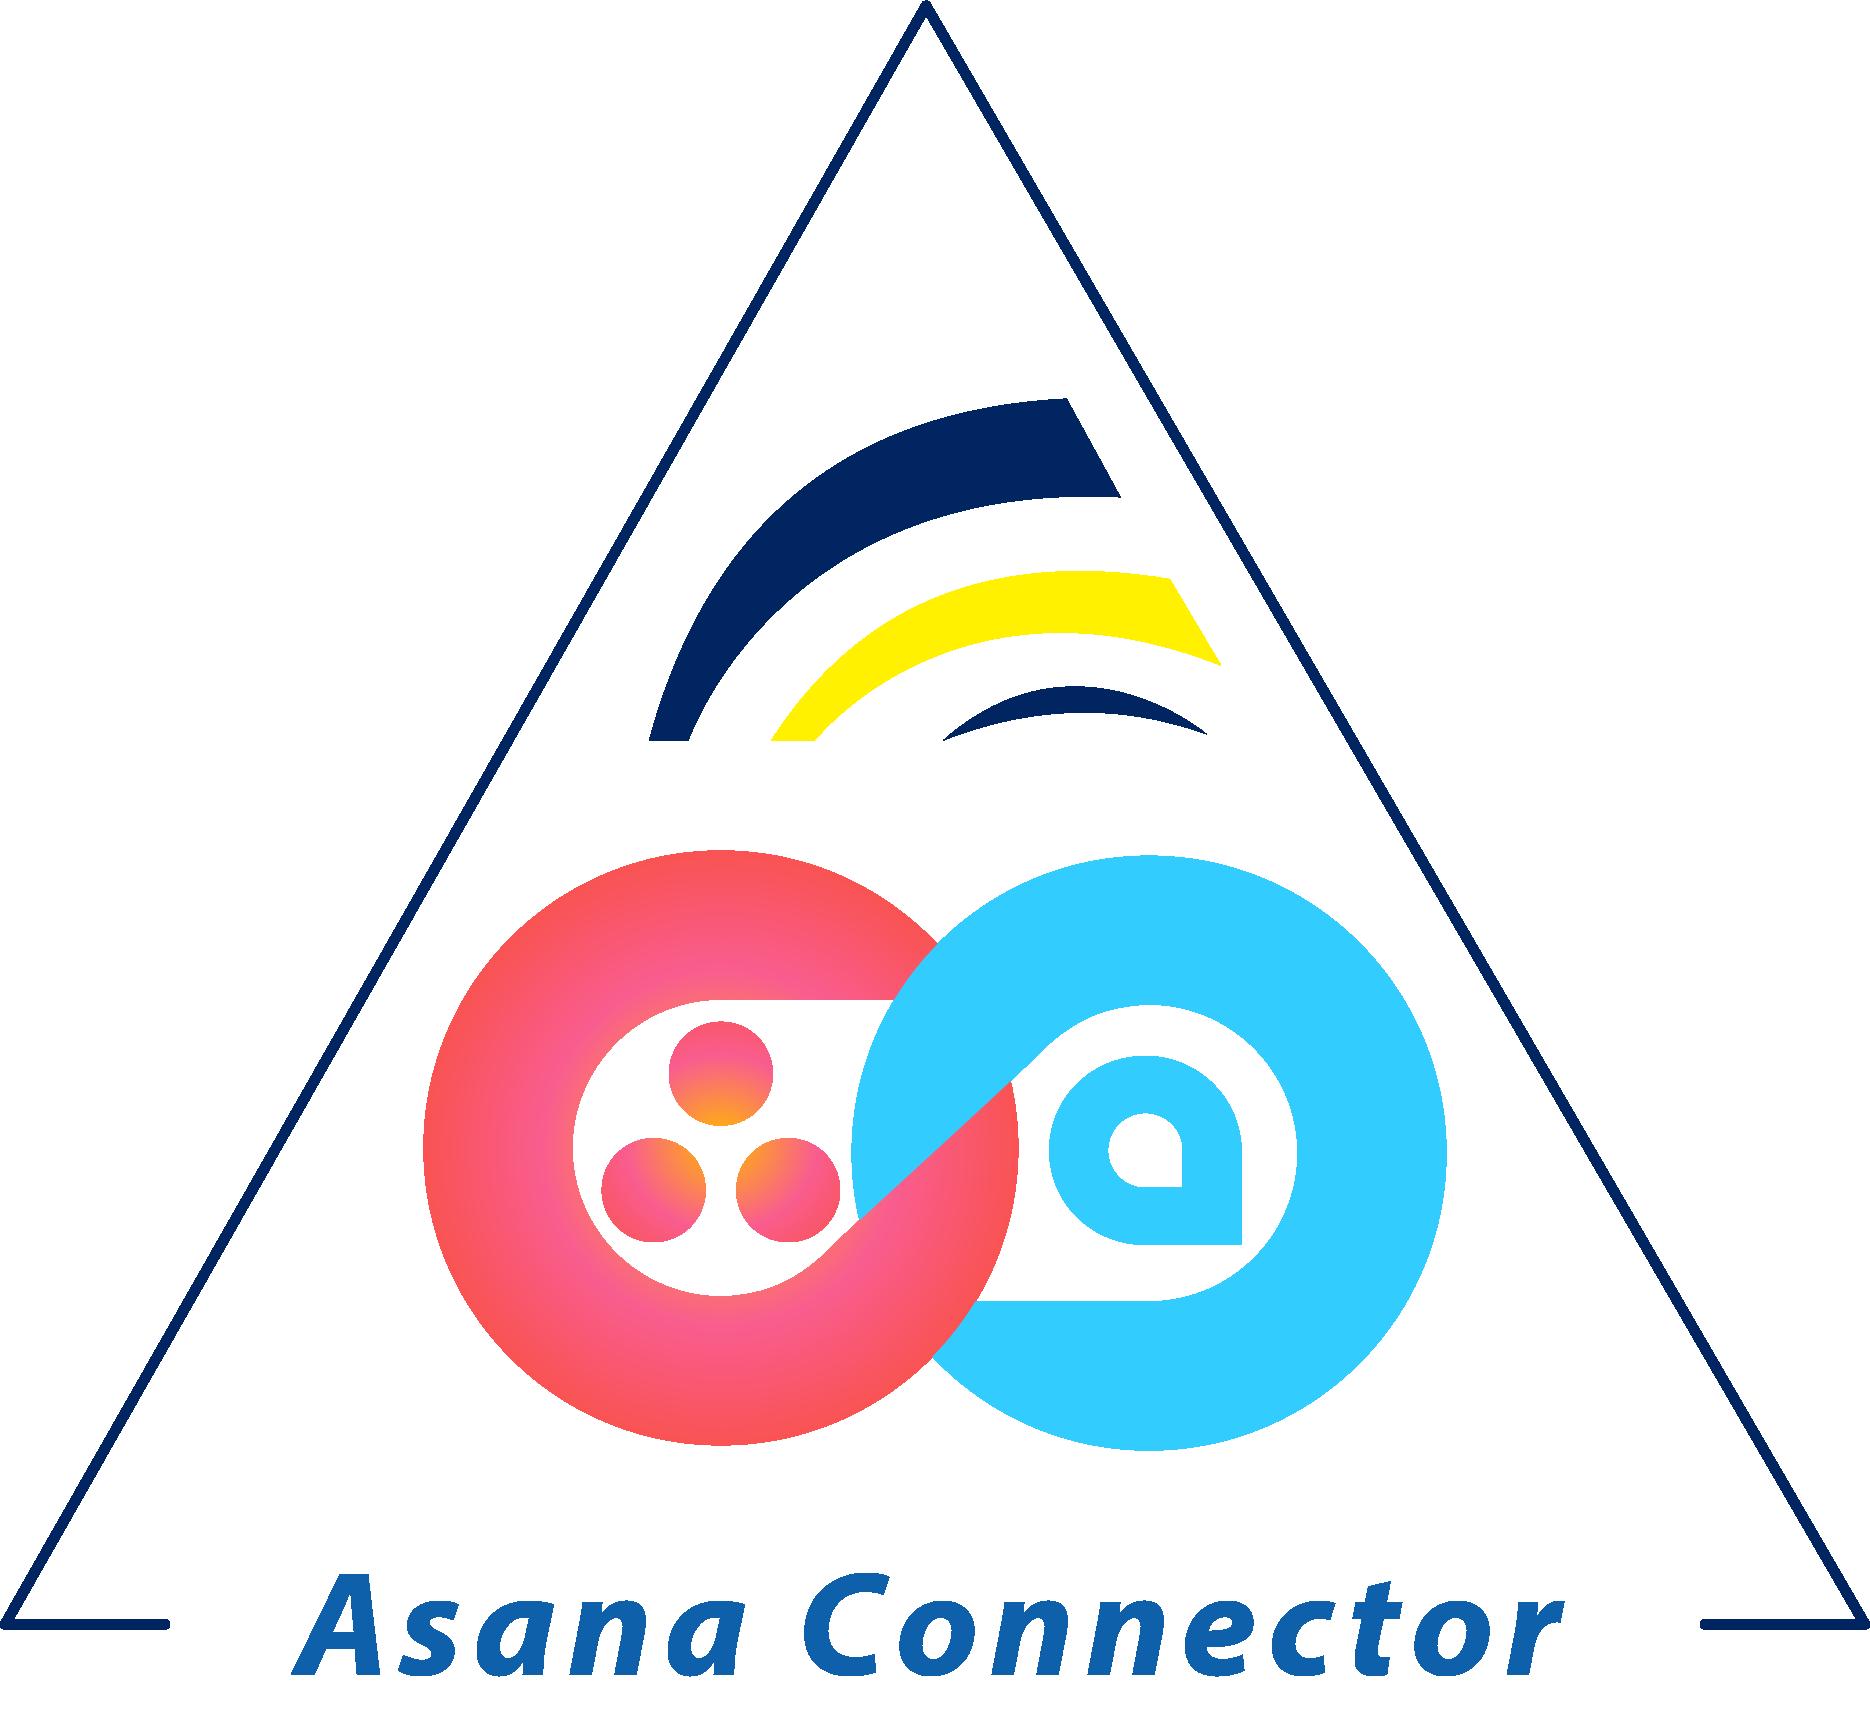 Biz-Tech Asana Connector - BizTech Services